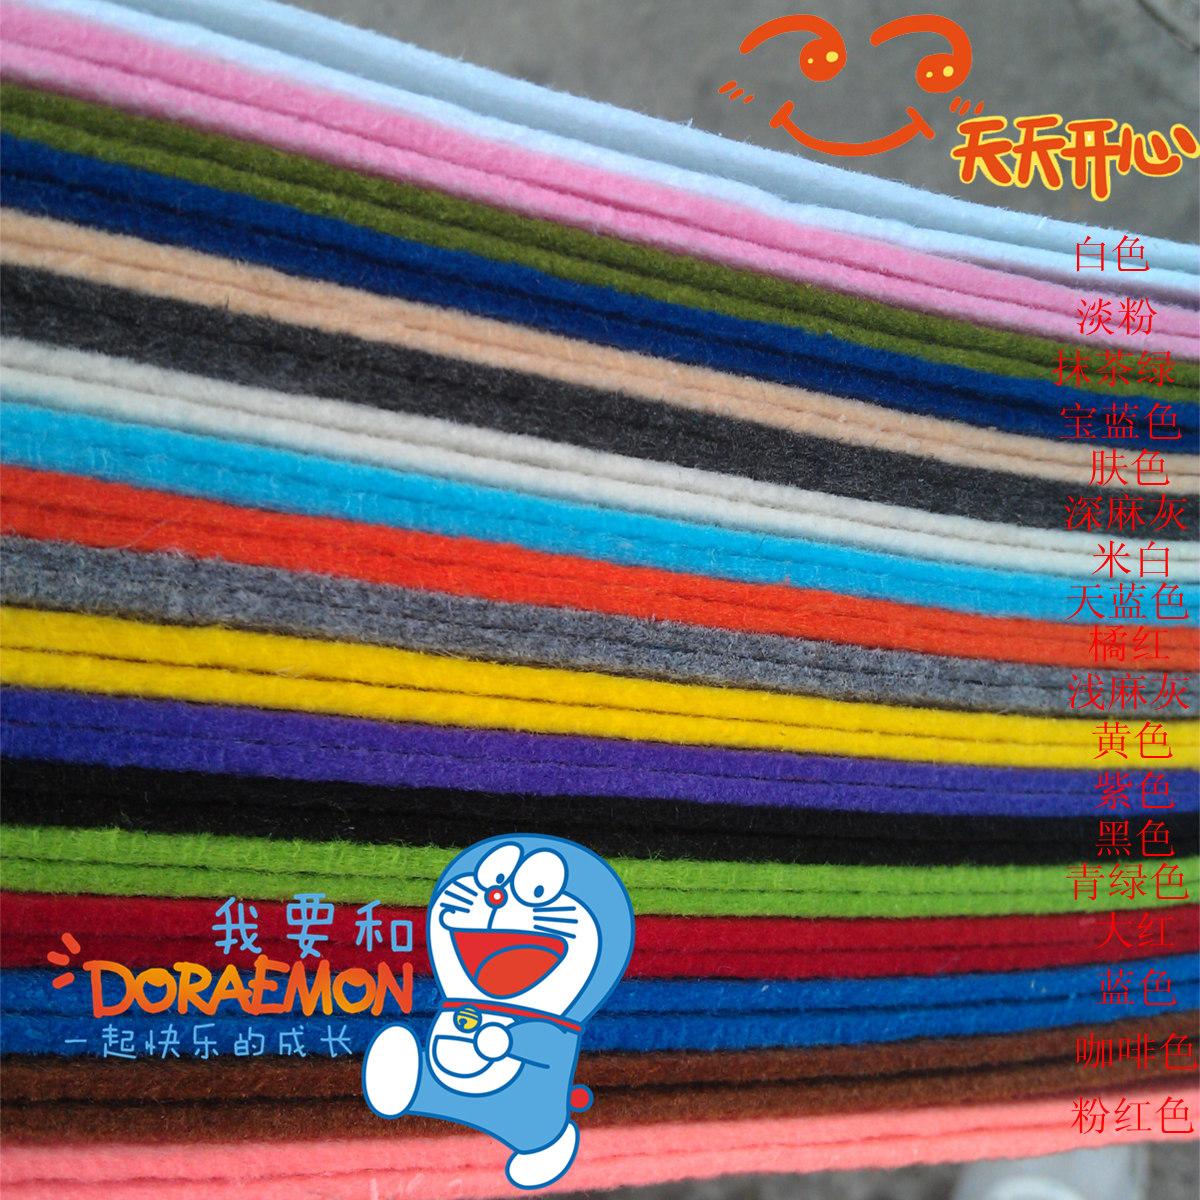 咸蛋超人 diy手工 进口不织布/毛毡布布料材料批发 2mm 45x45cm商品